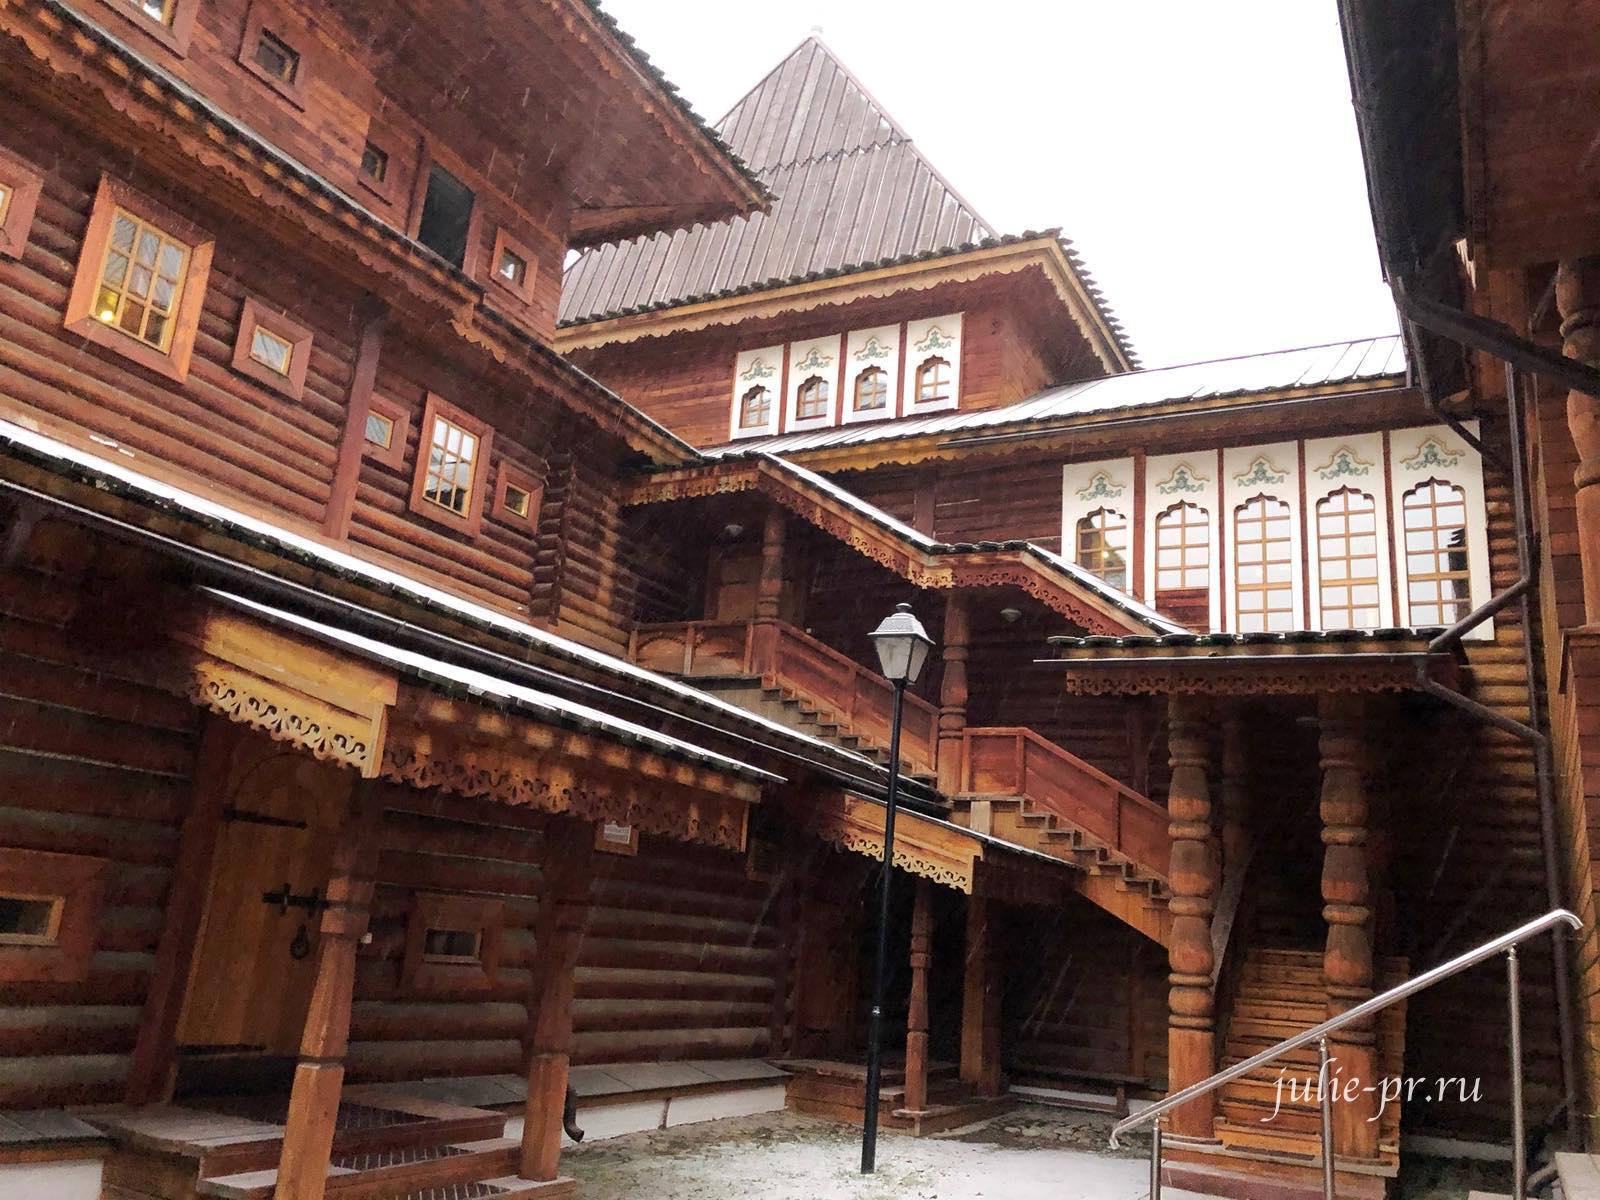 Коломенское, выставочный зал «Подклет дворца царя Алексея Михайловича»